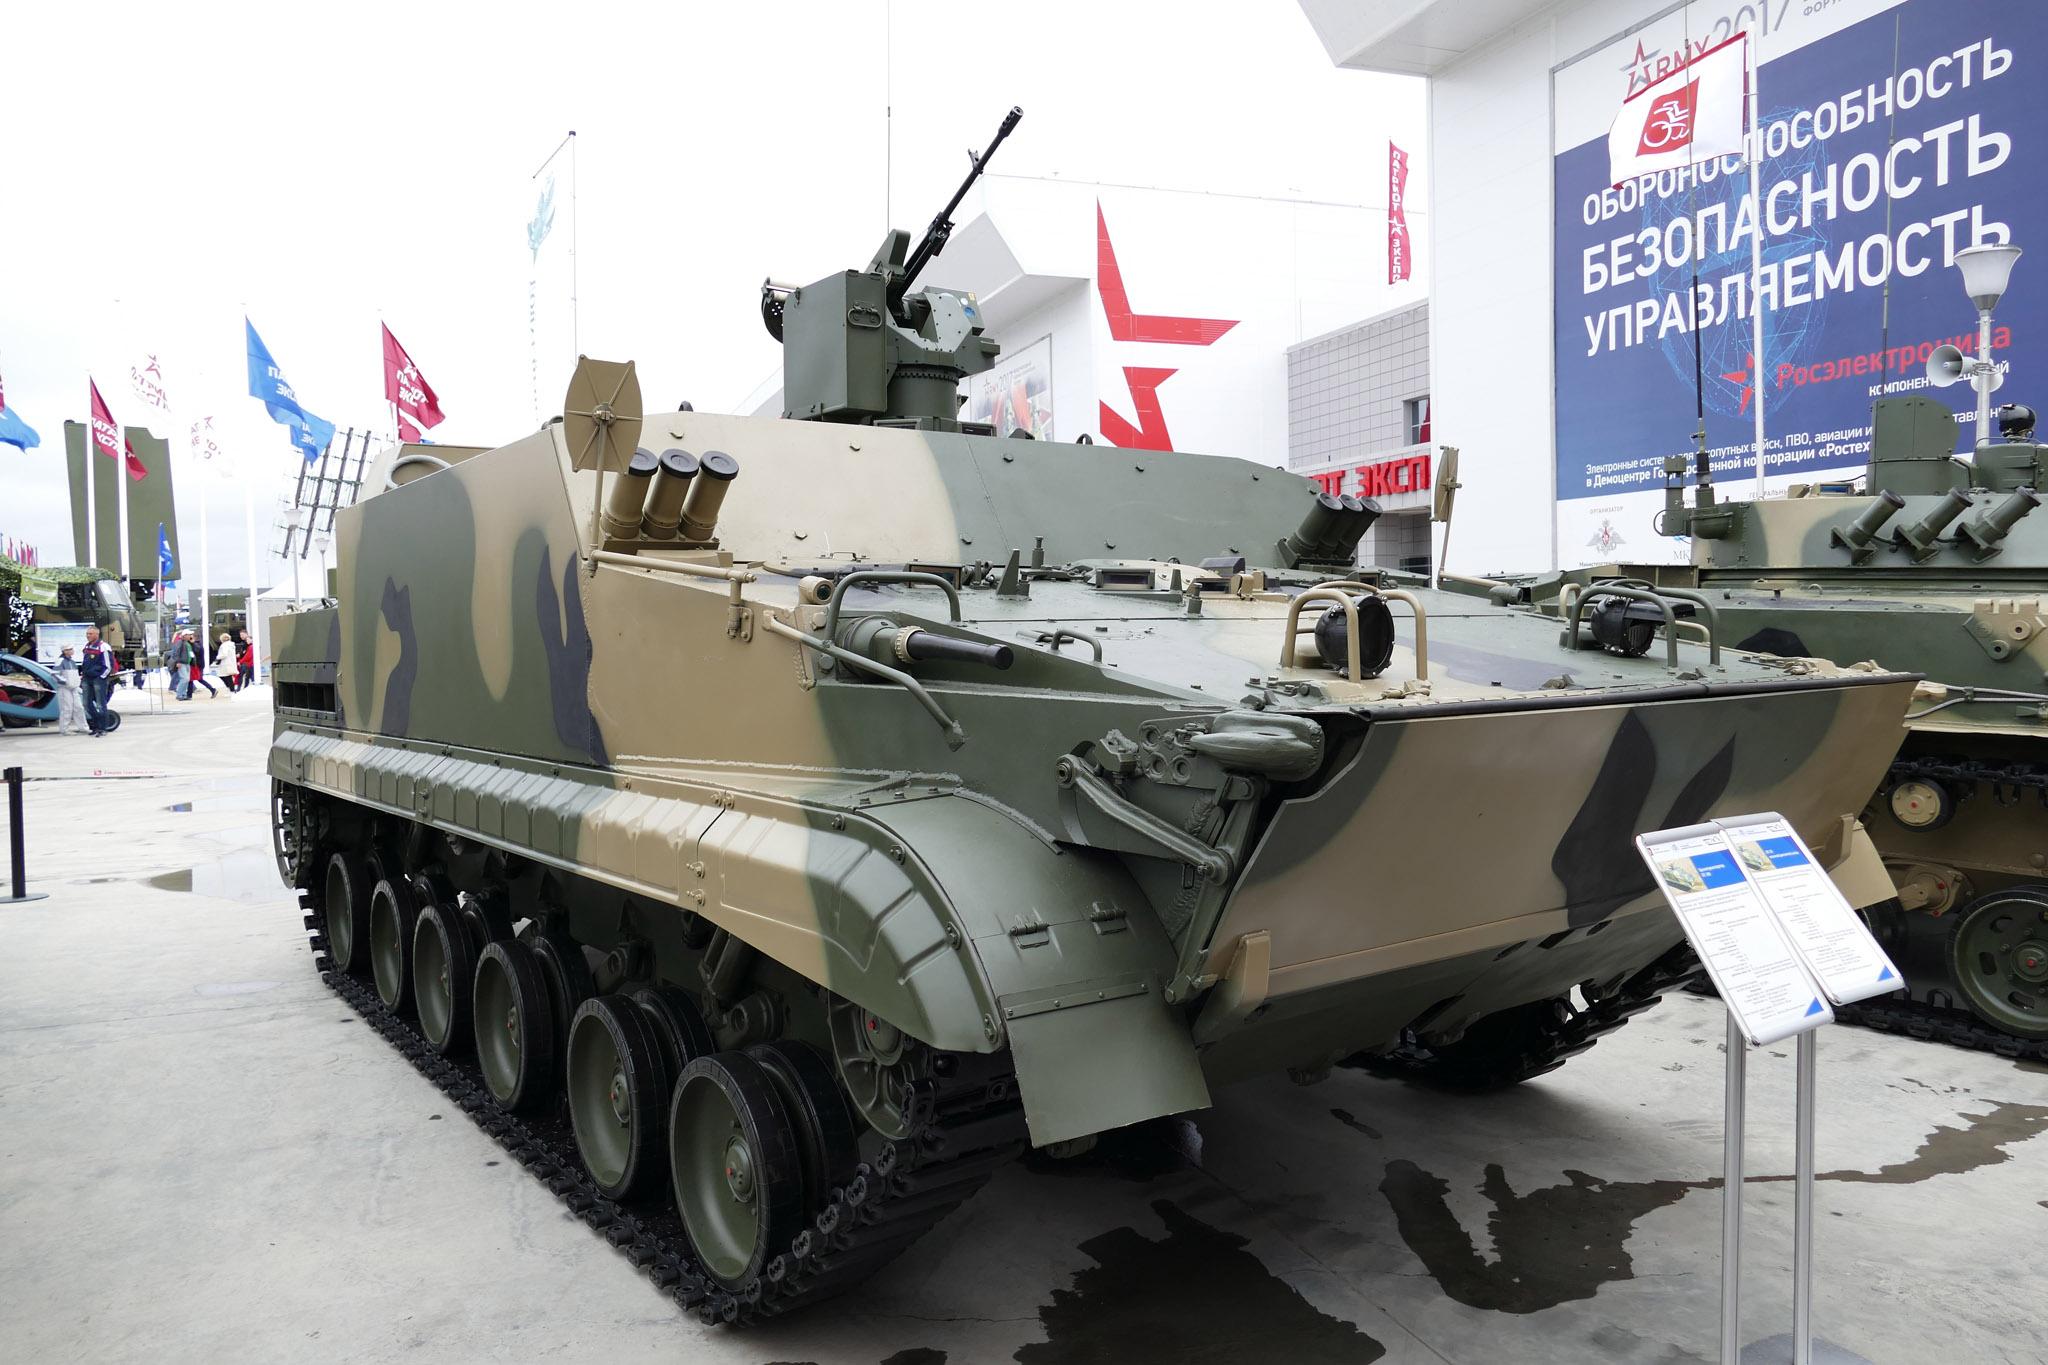 Подписан контракт на закупку Индонезией еще 22 БМП-3Ф и 21 бронетранспортера БТ-3Ф Индонезии, пехоты, БМП3Ф, морской, обороны, бронетранспортера, машин, гусеничного, Рособоронэкспорт, стороны, закупку, индонезийской, министерство, делегации, Бамбанг, контракту, специально, третьей, Армия2017, закупке